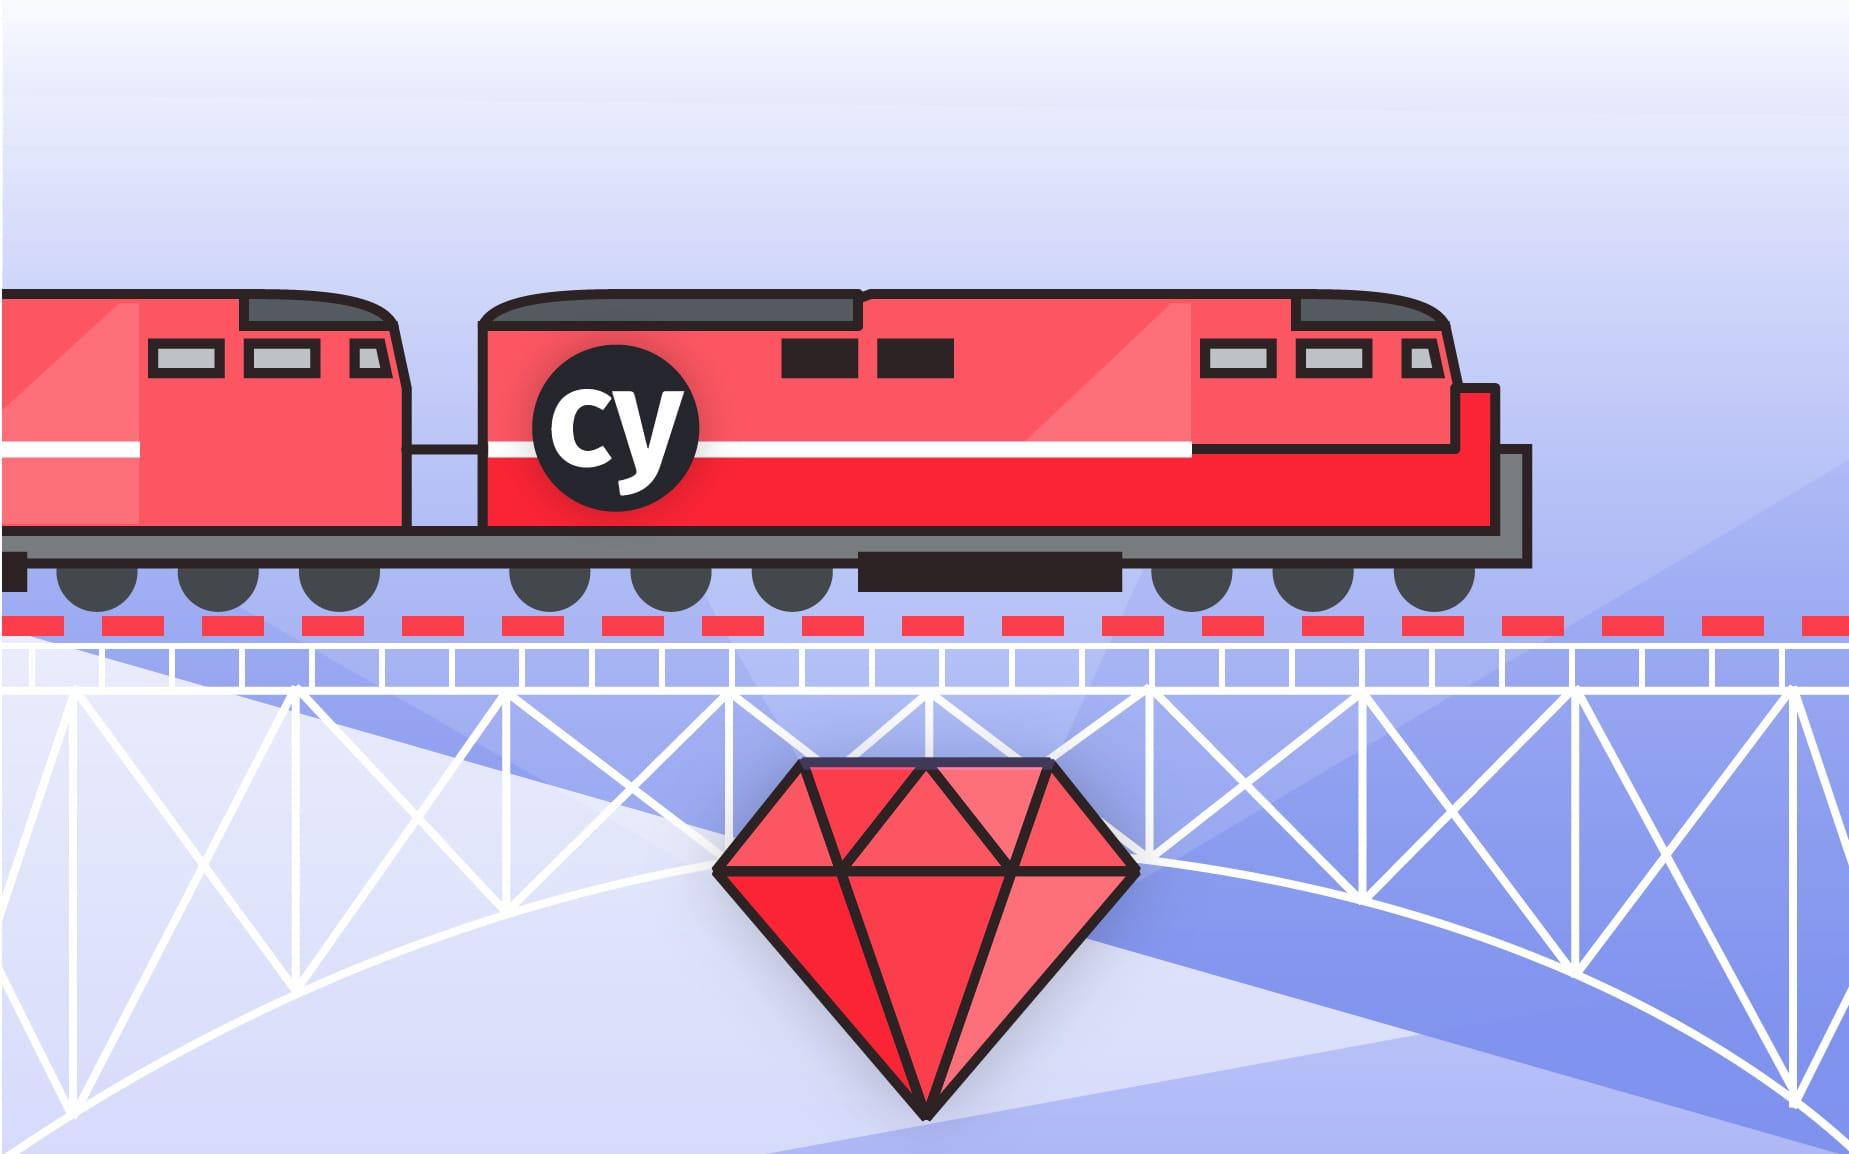 Ilustração de um trem vermelho sob trilhos, e abaixo um rubi.